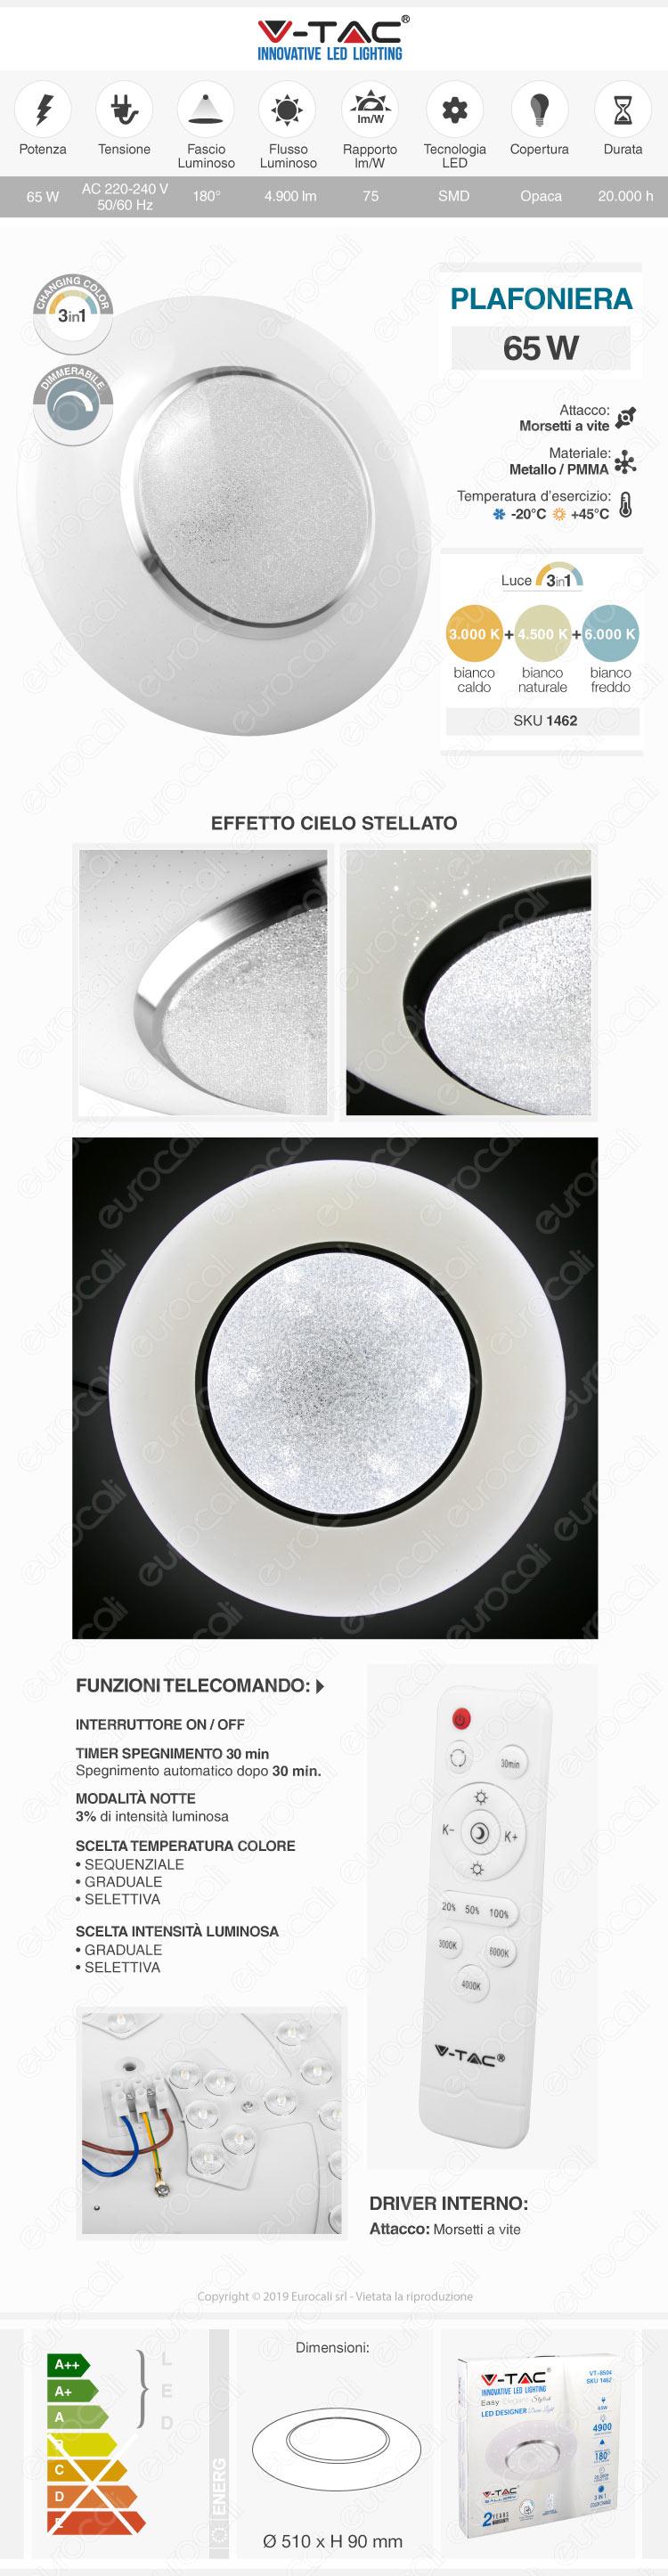 V-Tac VT-8504 Plafoniera LED 65W Forma Circolare Effetto Cielo Stellato con Telecomando